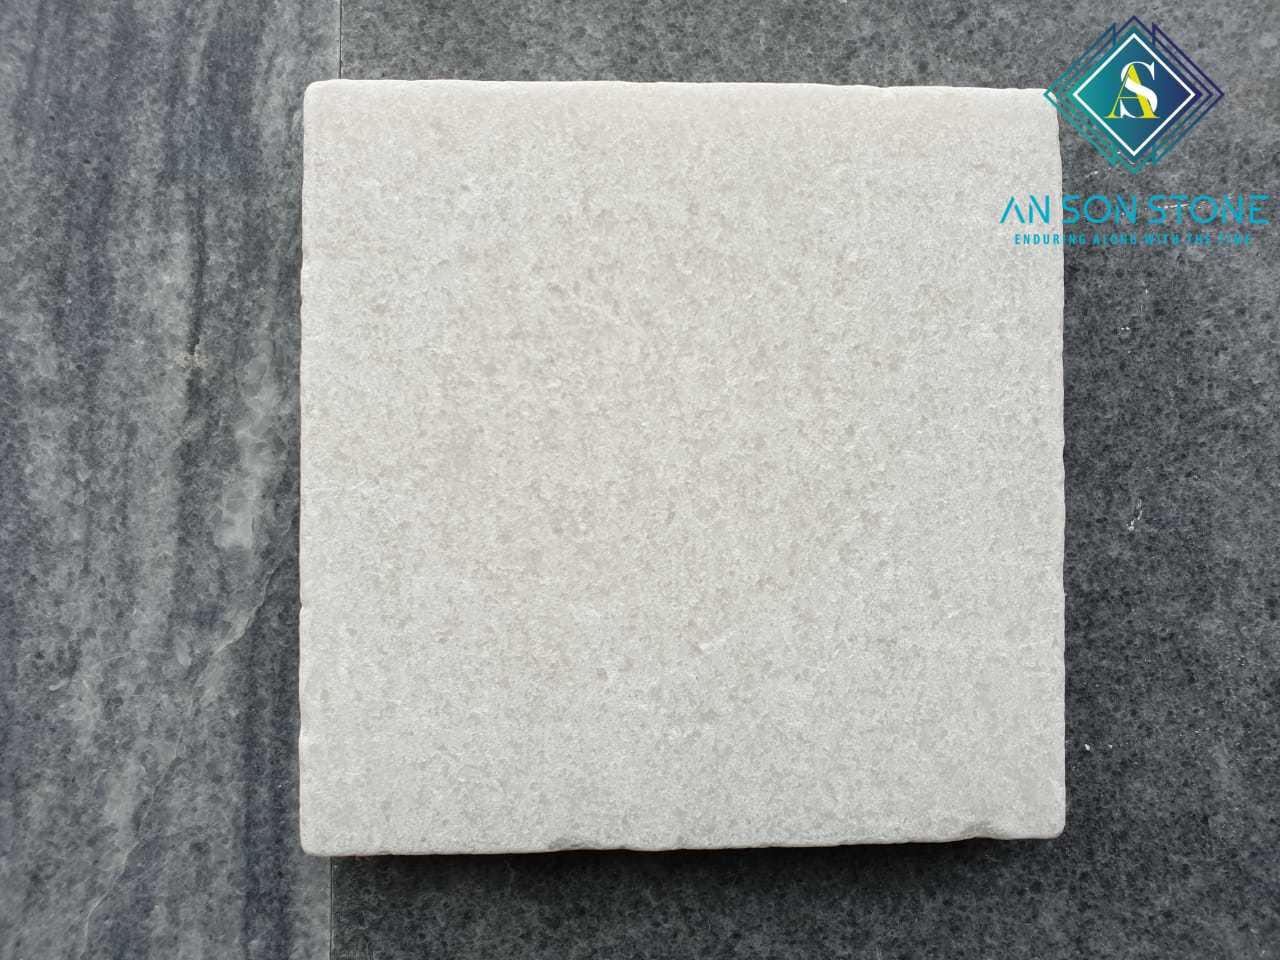 Tumble White Marble 20*20*3cm